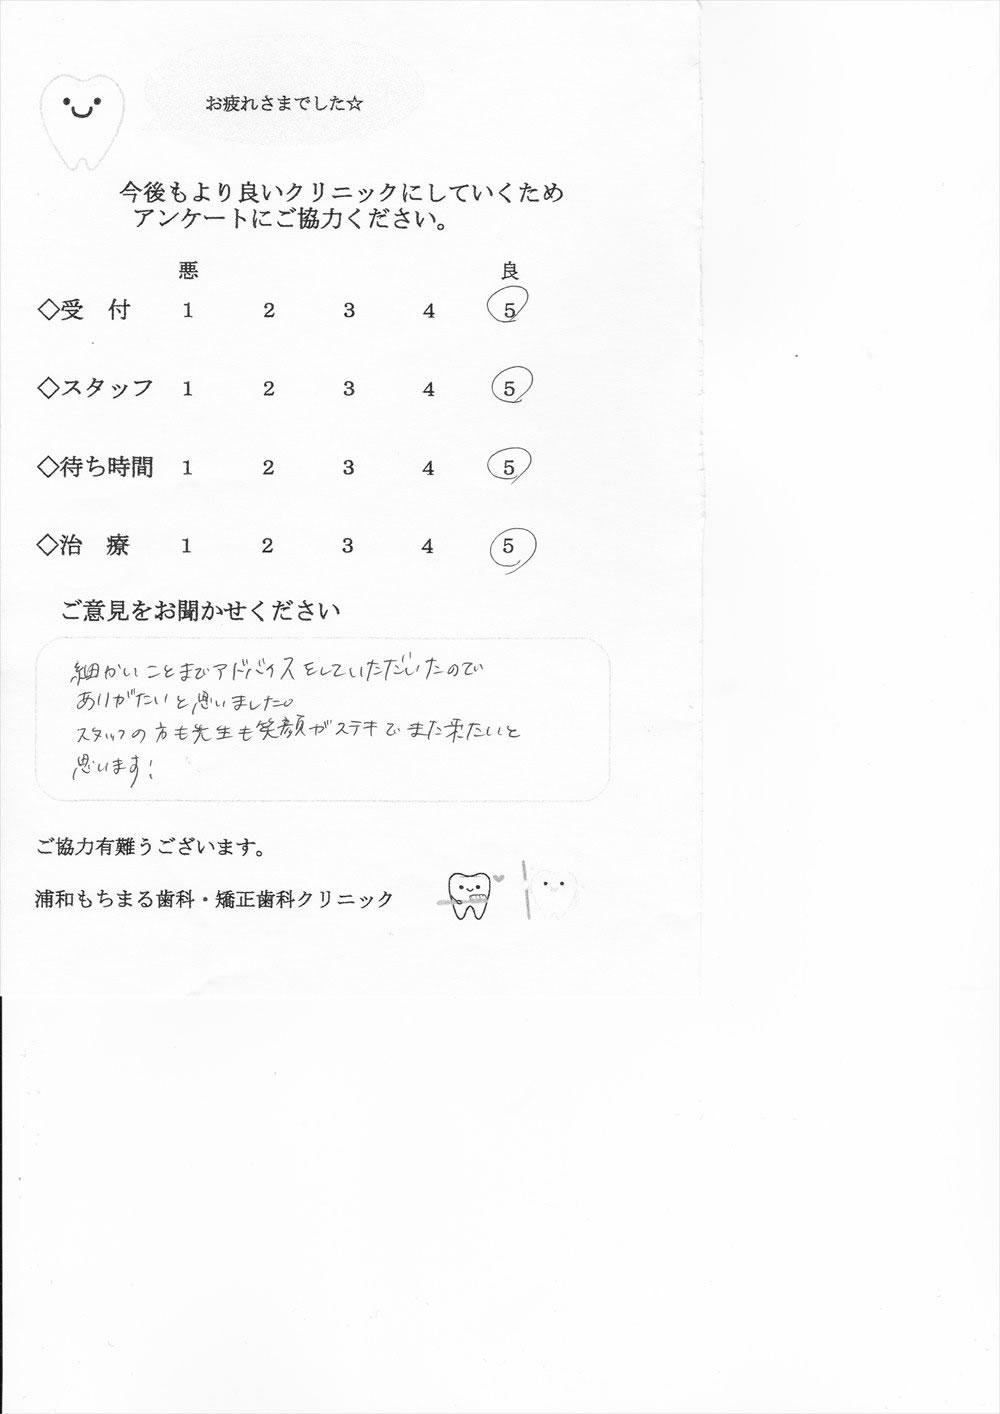 浦和もちまる歯科・矯正歯科の口コミ・評判アンケート14